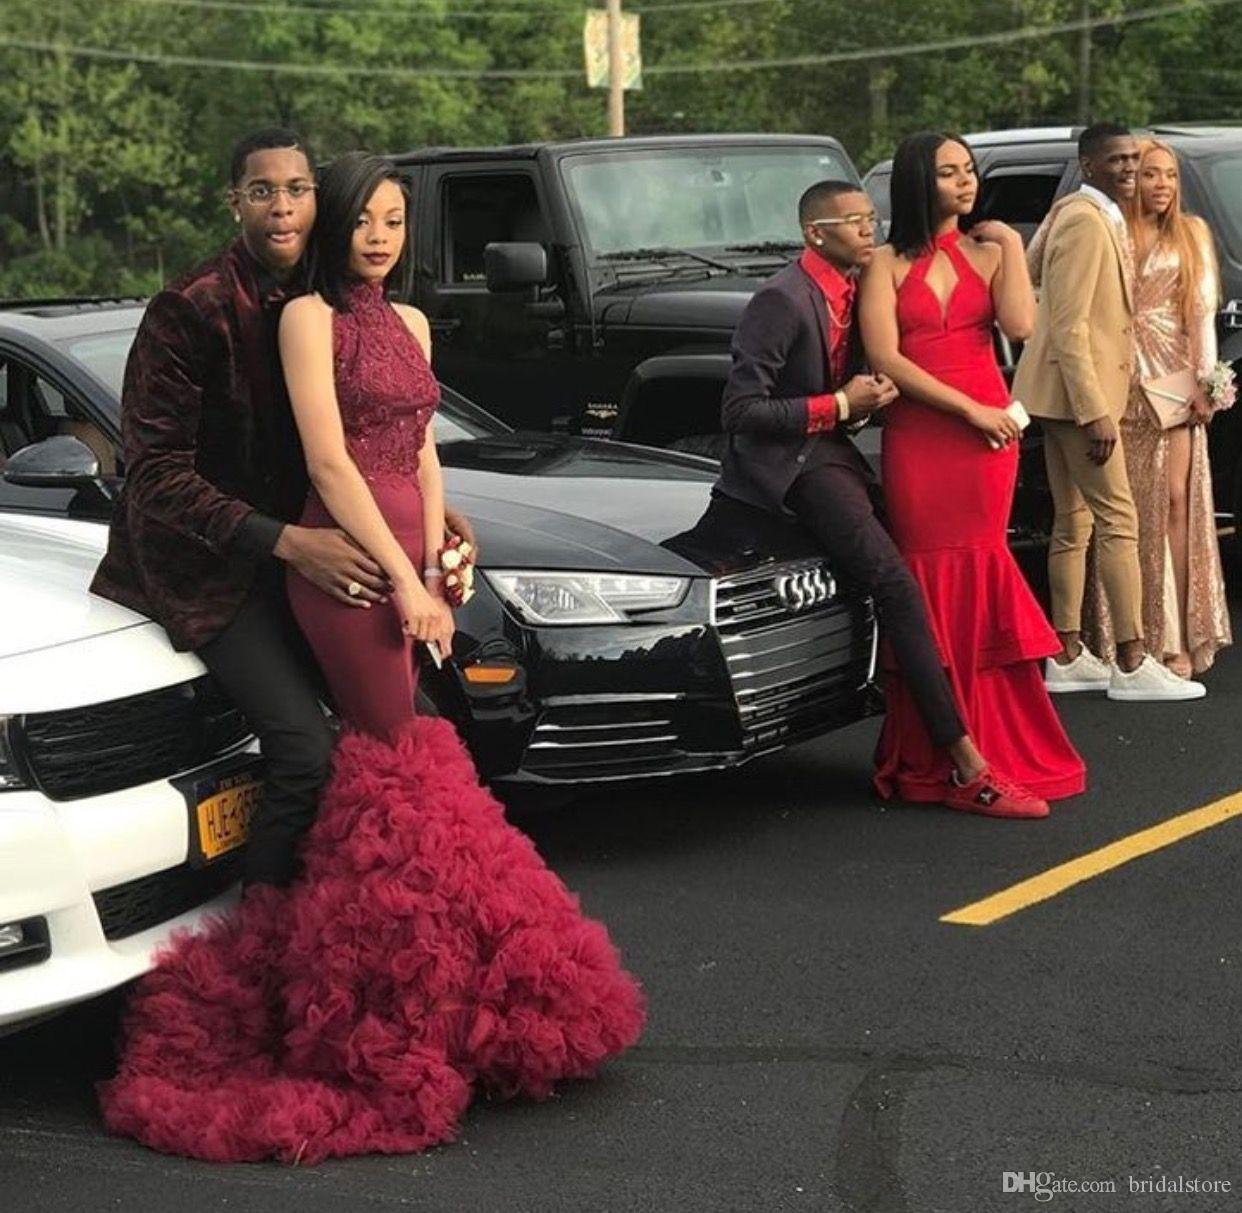 Black Girls High Neck Tight Mermaid Prom Dresses Strapless Sleeveless Ruffles Fishtail Evening Gowns Elegant Slim Robes formelles soirée